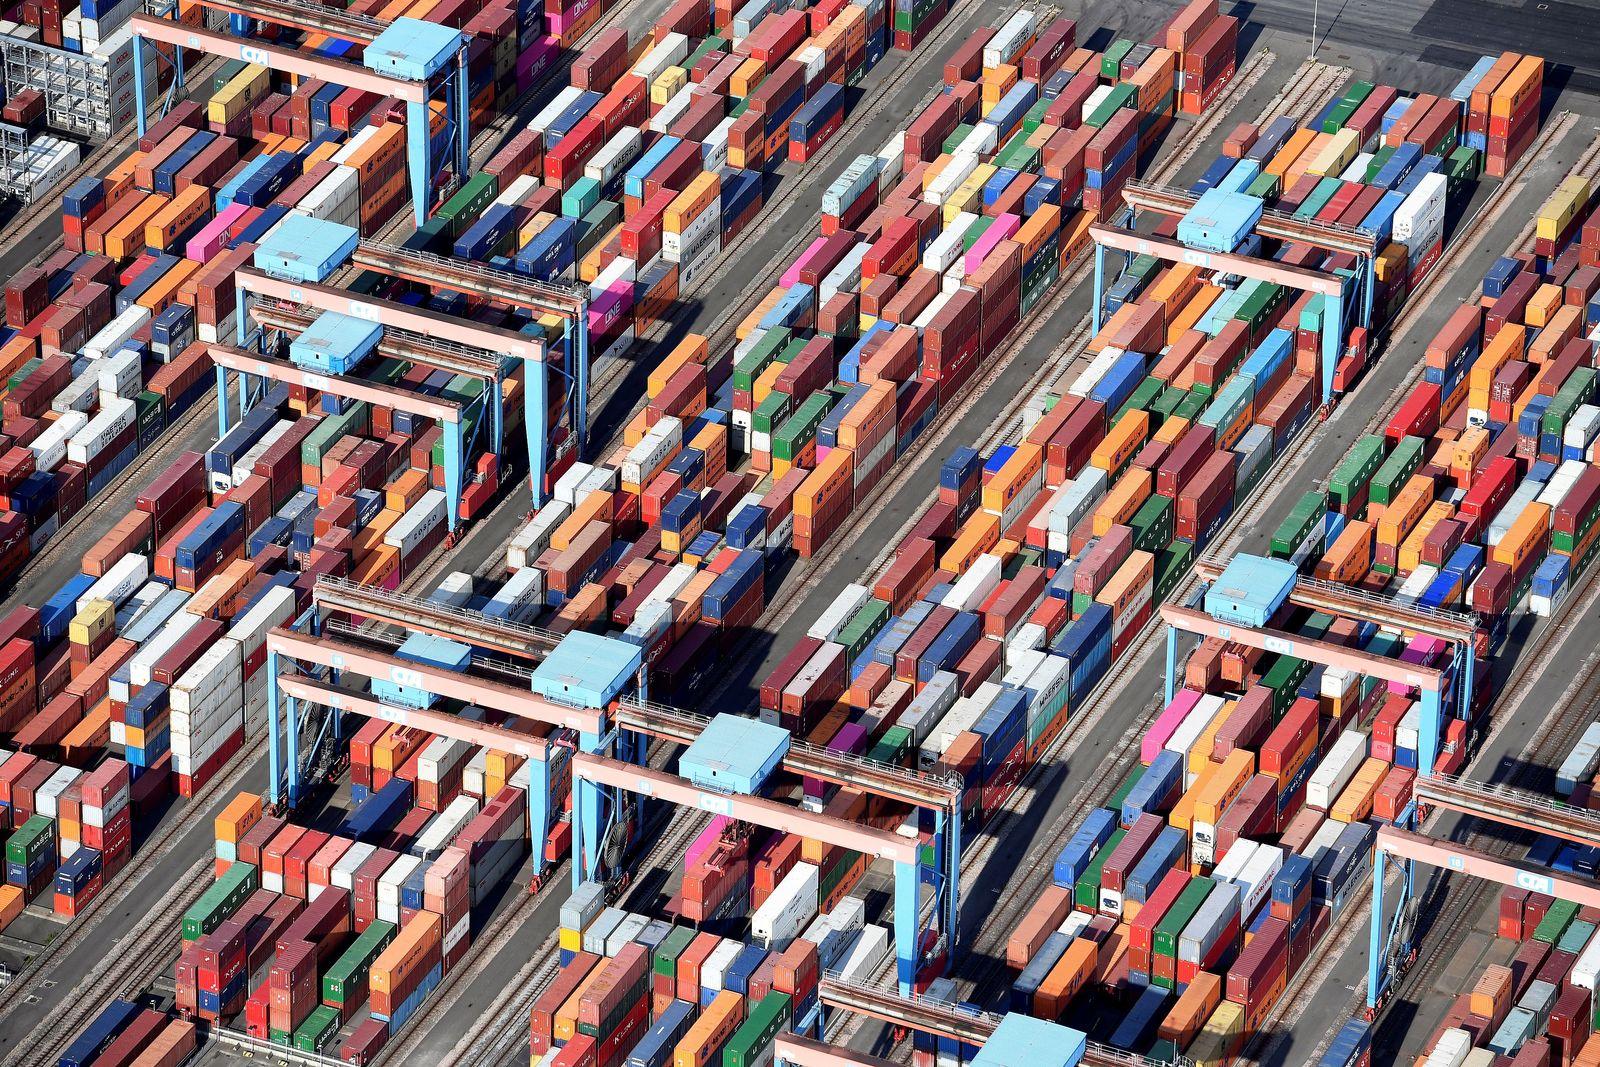 Deutschland / Container Hamburg / Konjunktur / Export Import / Wirtschaft